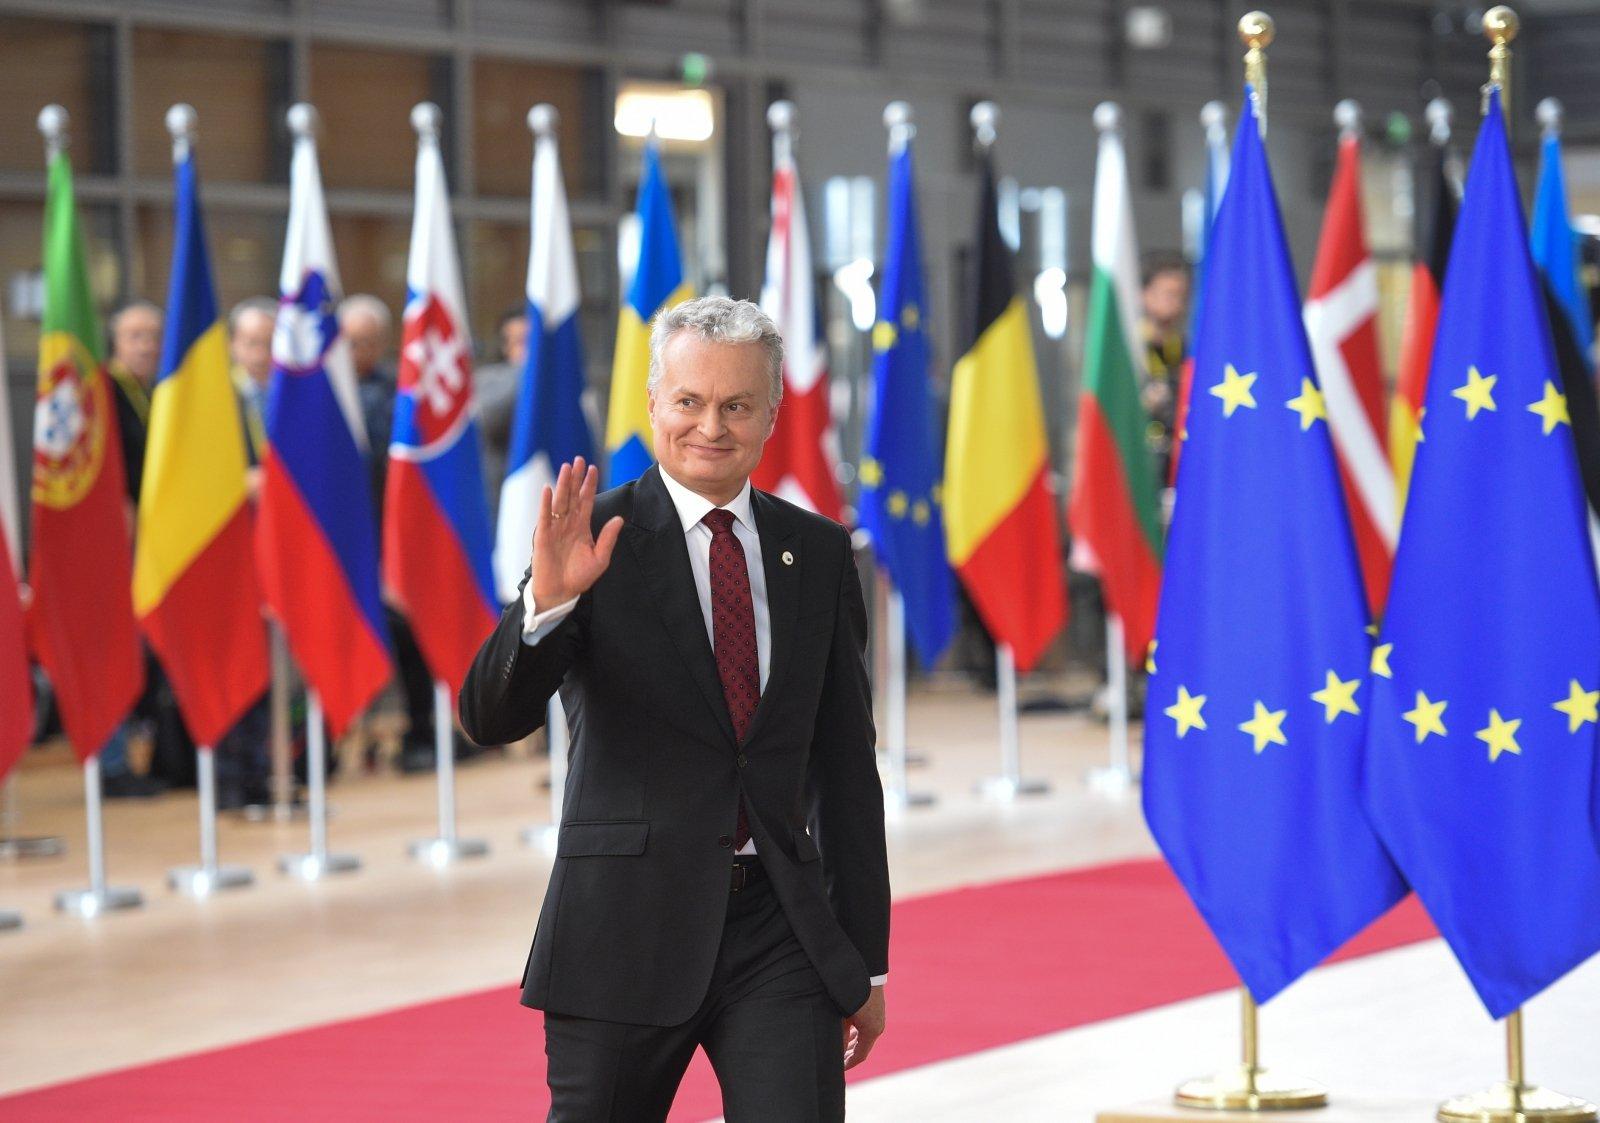 Для латвийцев реэмиграция - это лишь план С. План В - уехать в Норвегию или Германию